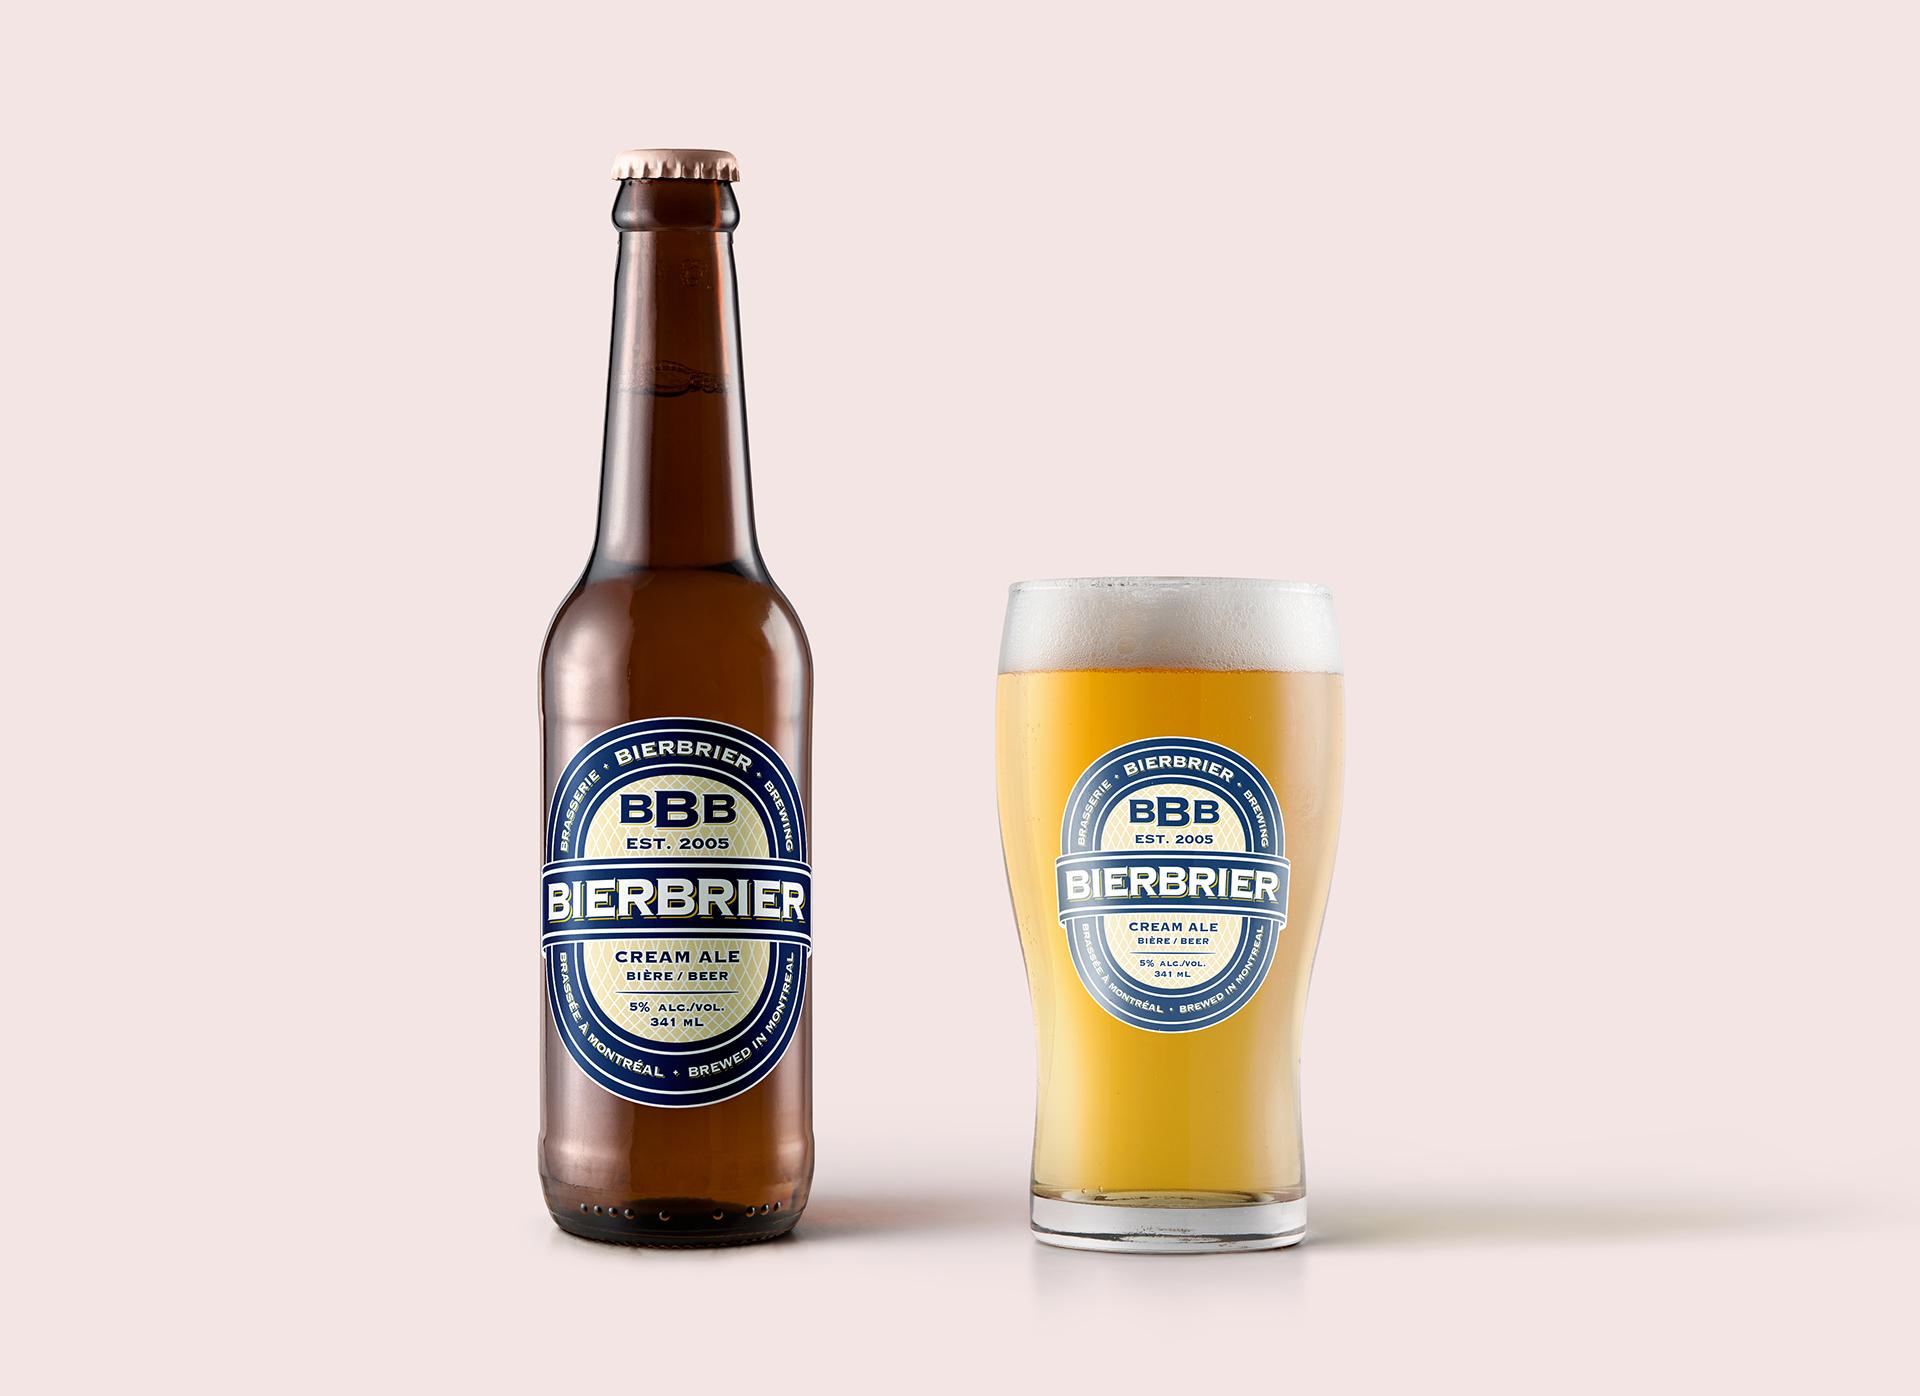 bierbriere-mockup-3